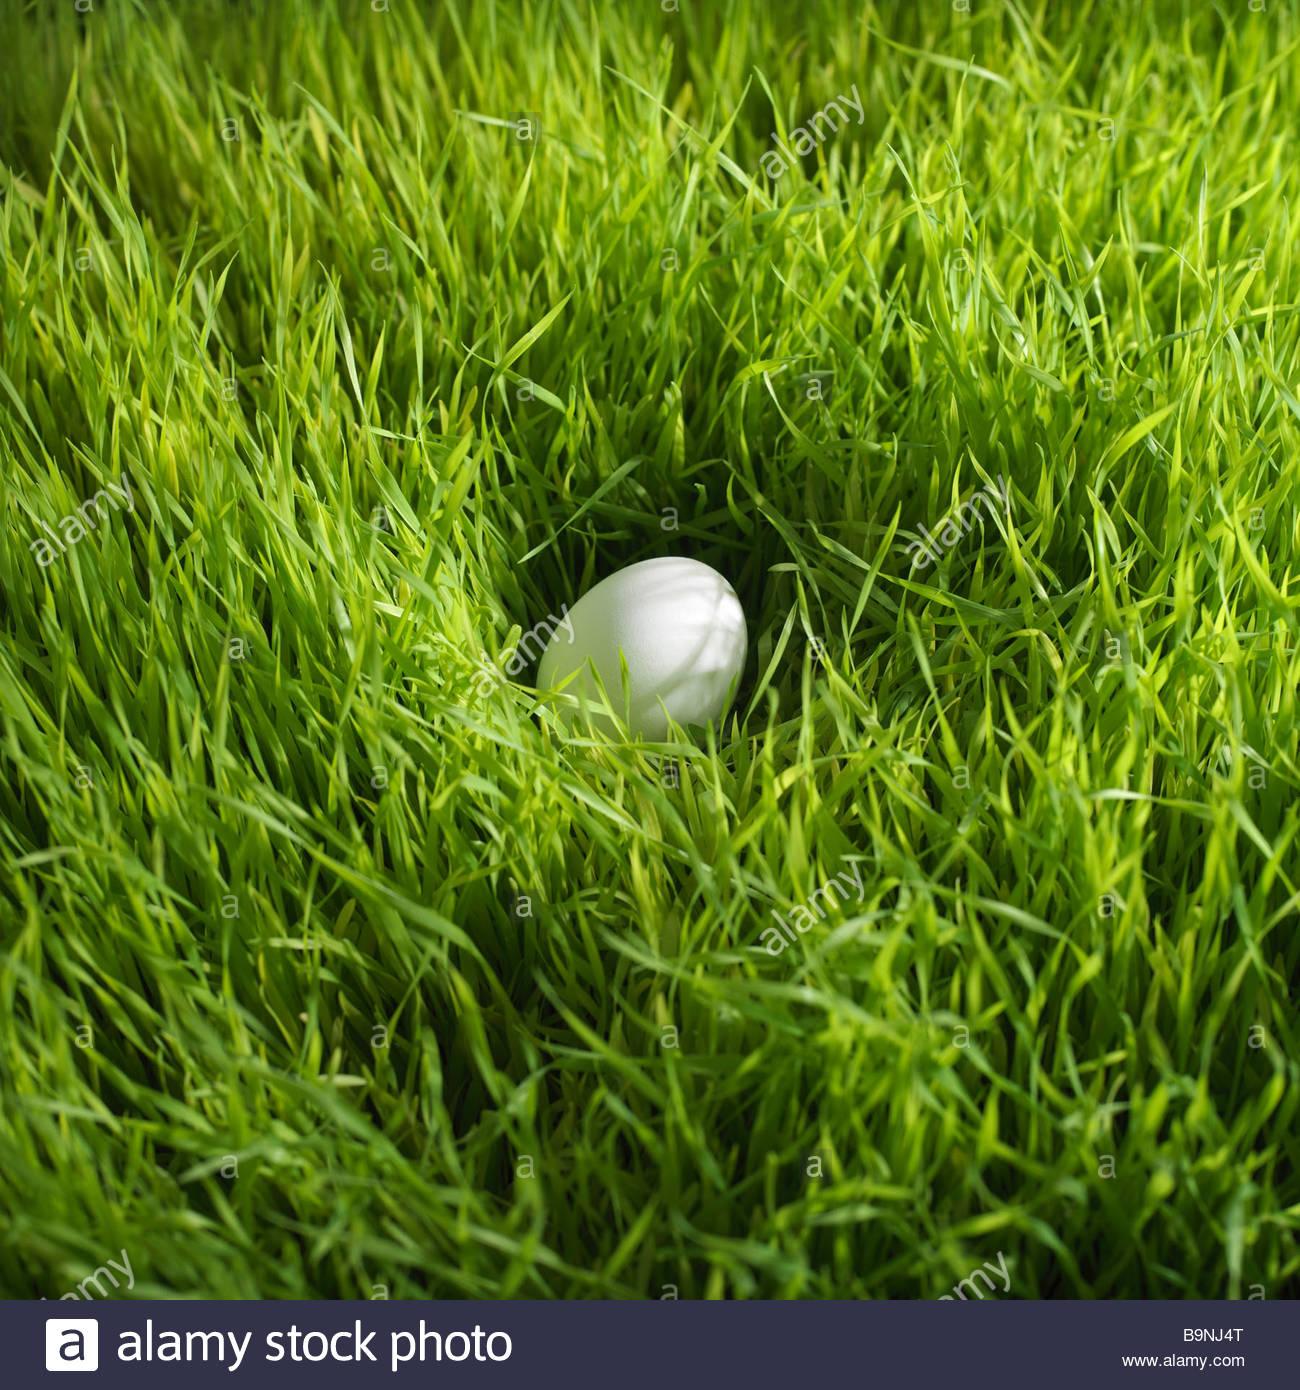 white Easter egg in grass - Stock Image